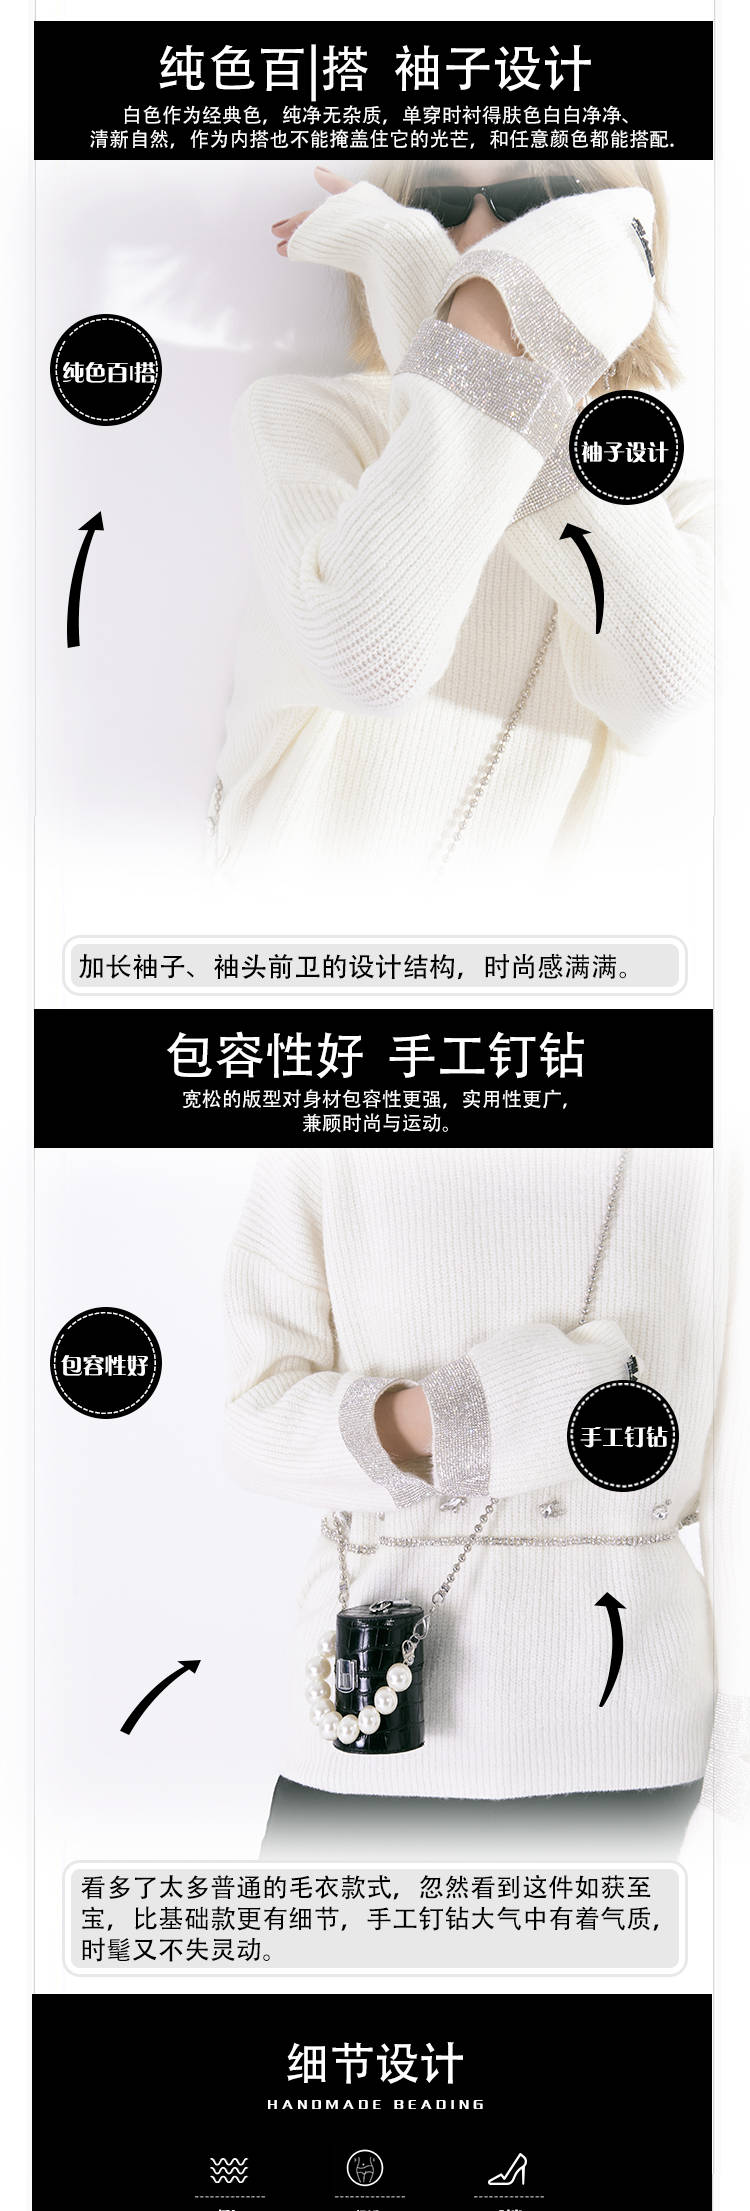 木瓜网_中国白胖肥熟妇bbw_性爱片